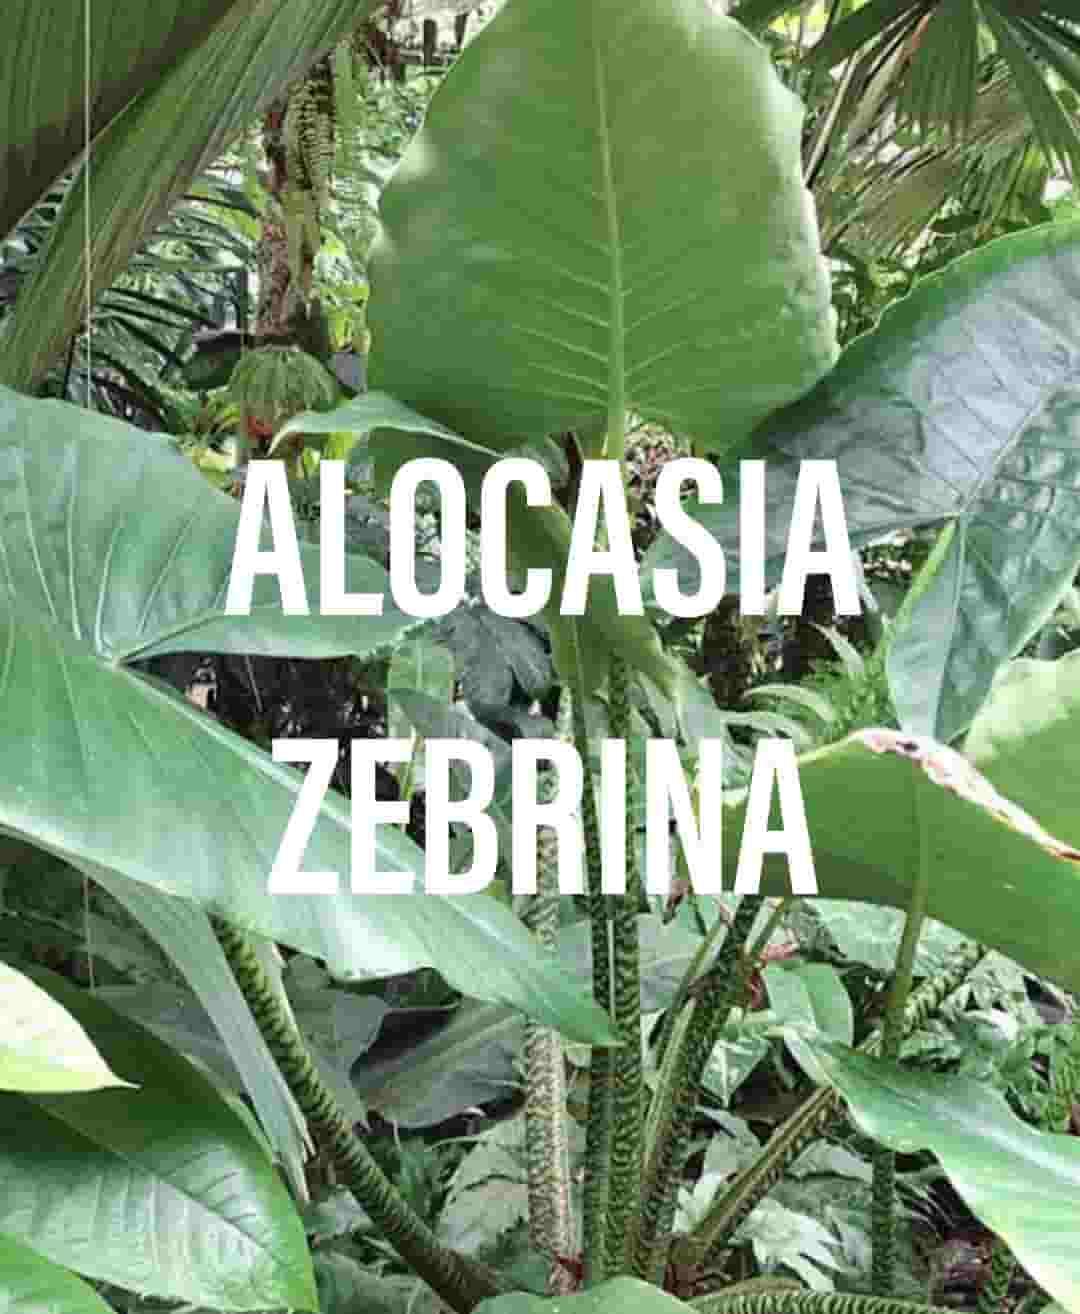 Alocasia Zebrina The Elephant Ear Plant Gardening Brain